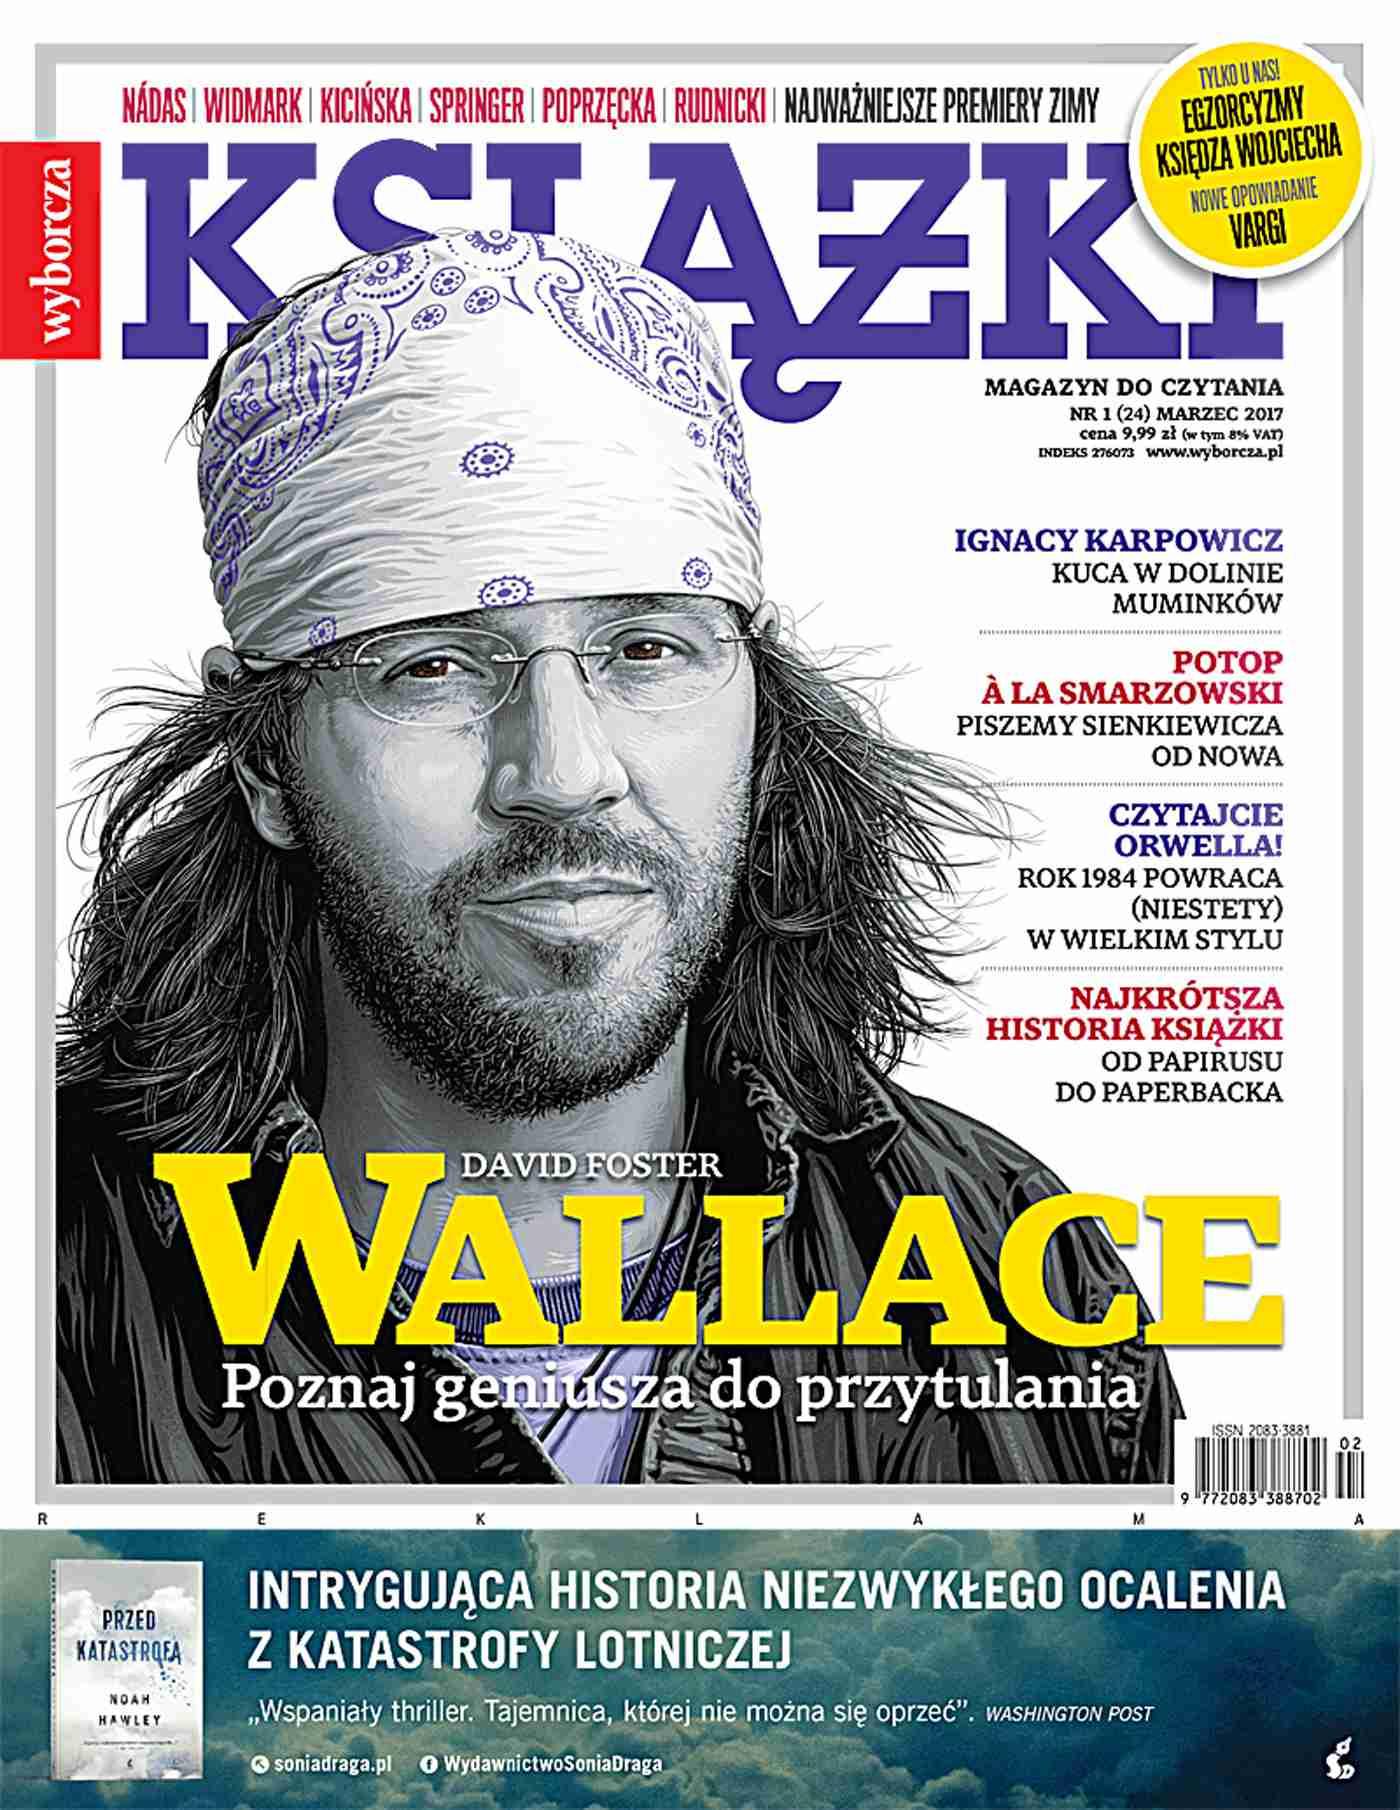 Książki. Magazyn do czytania 1/2017 - Ebook (Książka PDF) do pobrania w formacie PDF